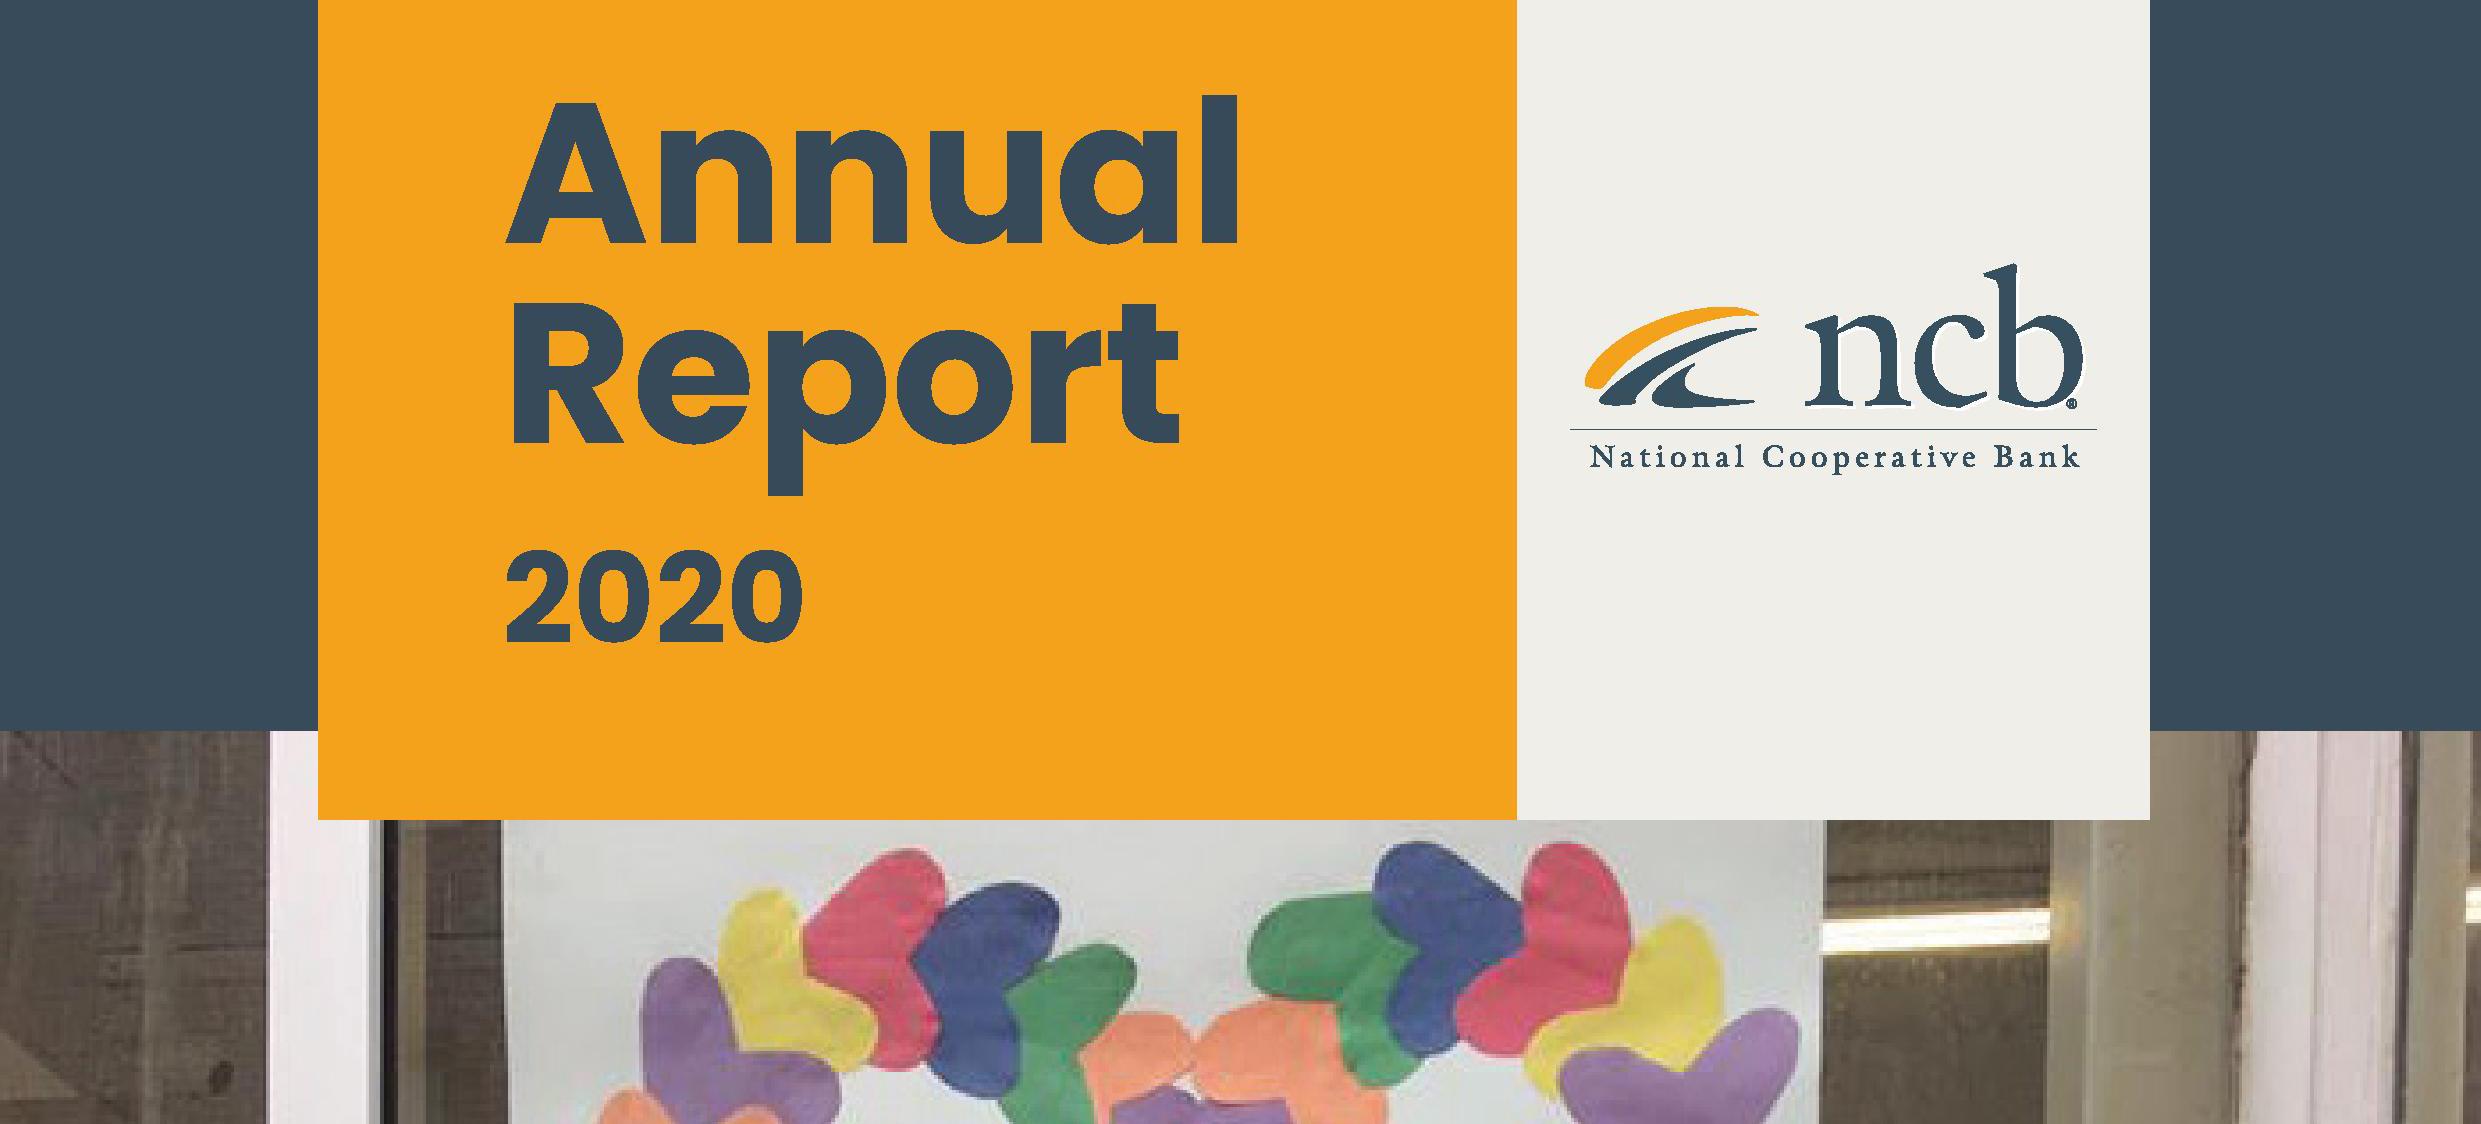 Annual Report Coverv3